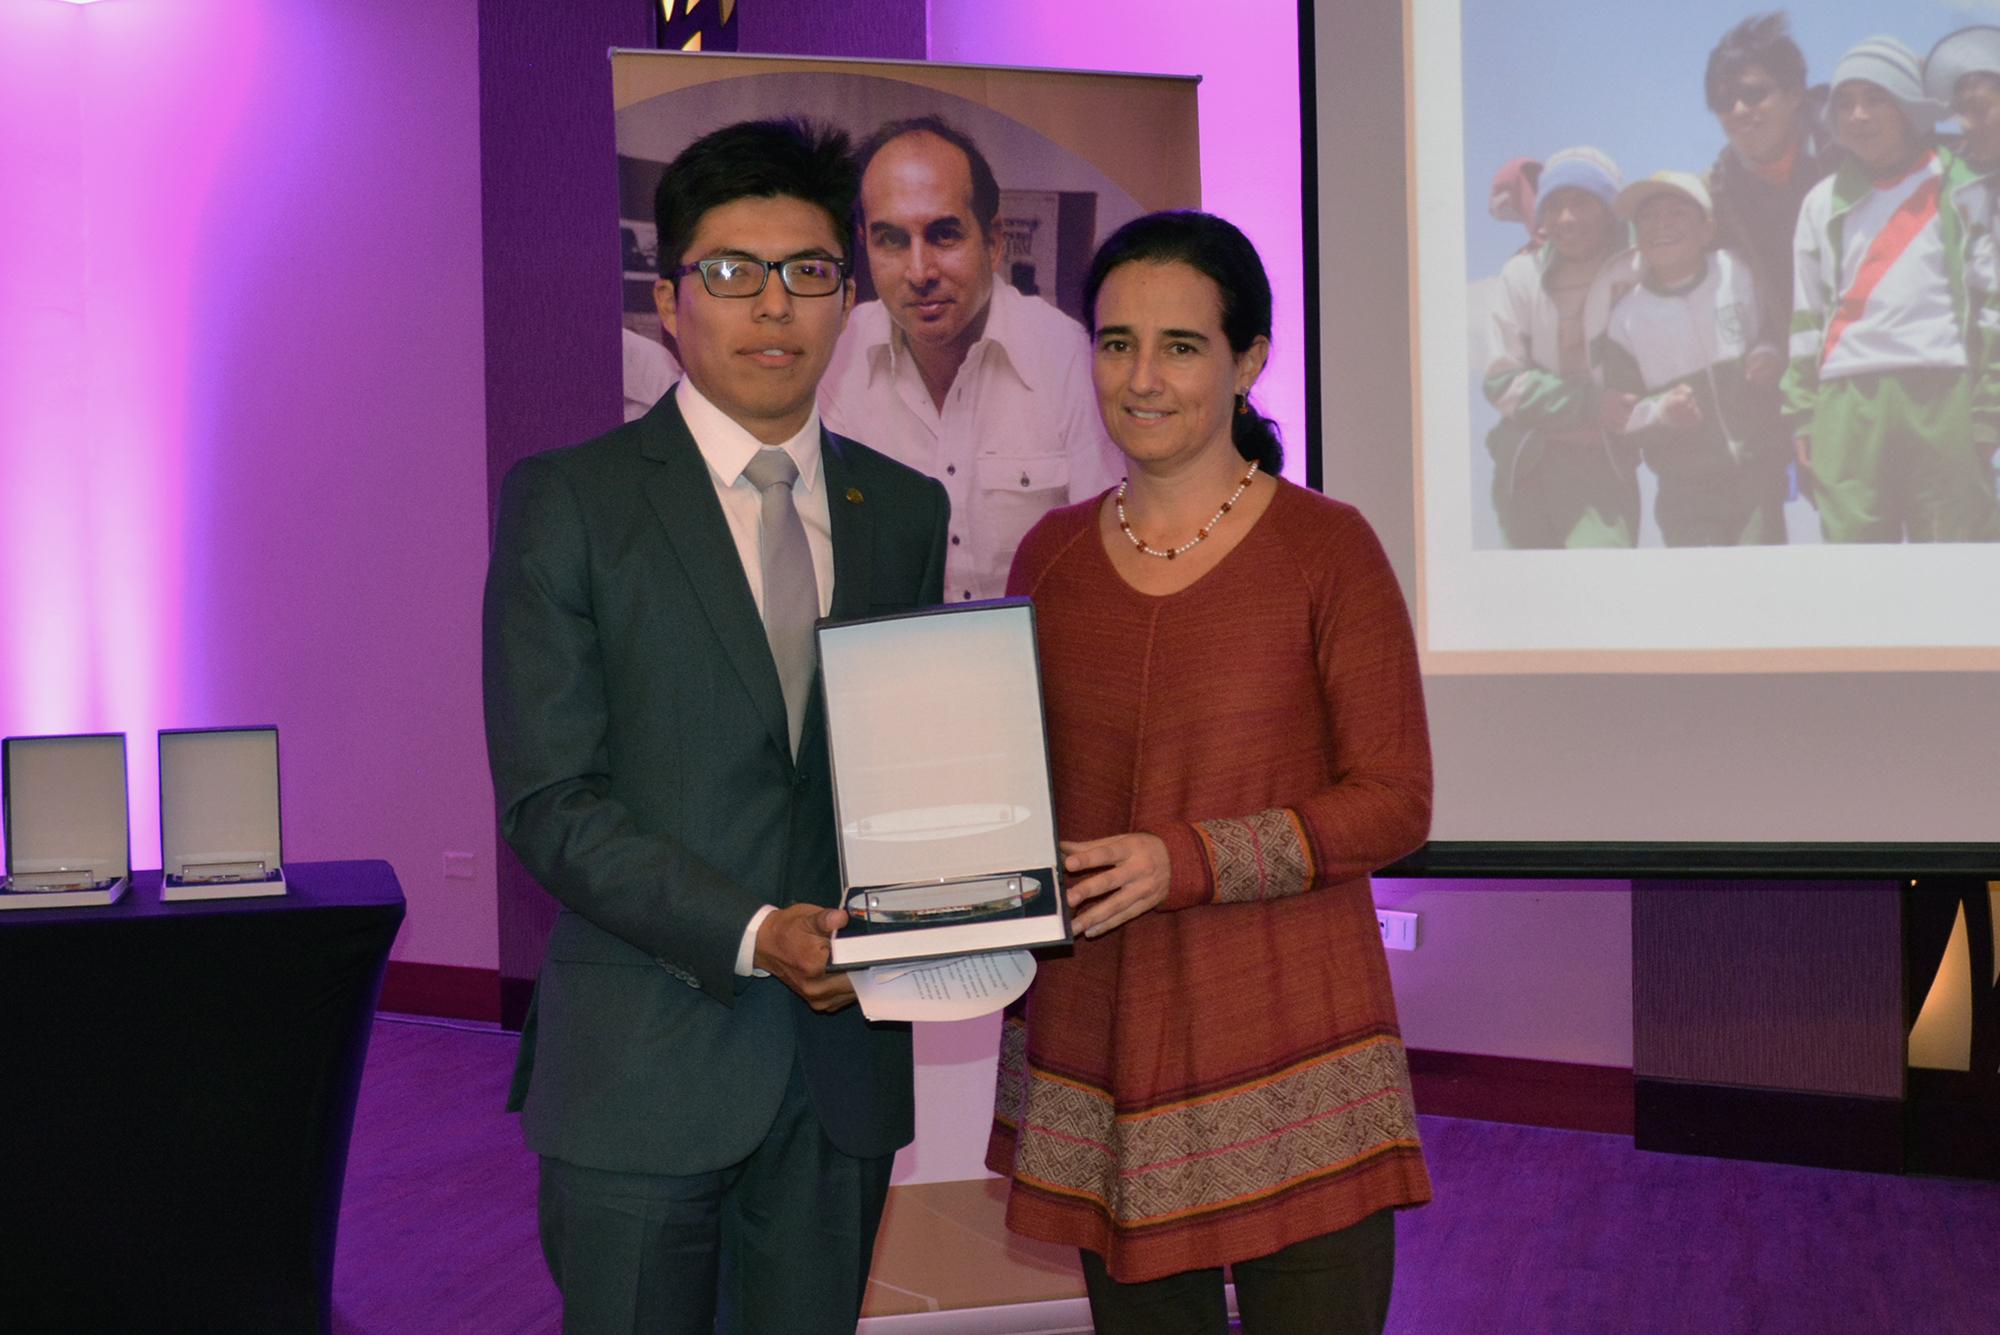 Óscar Damián fue reconocido con el premio Joven profesional destacado. Foto: Profonanpe.